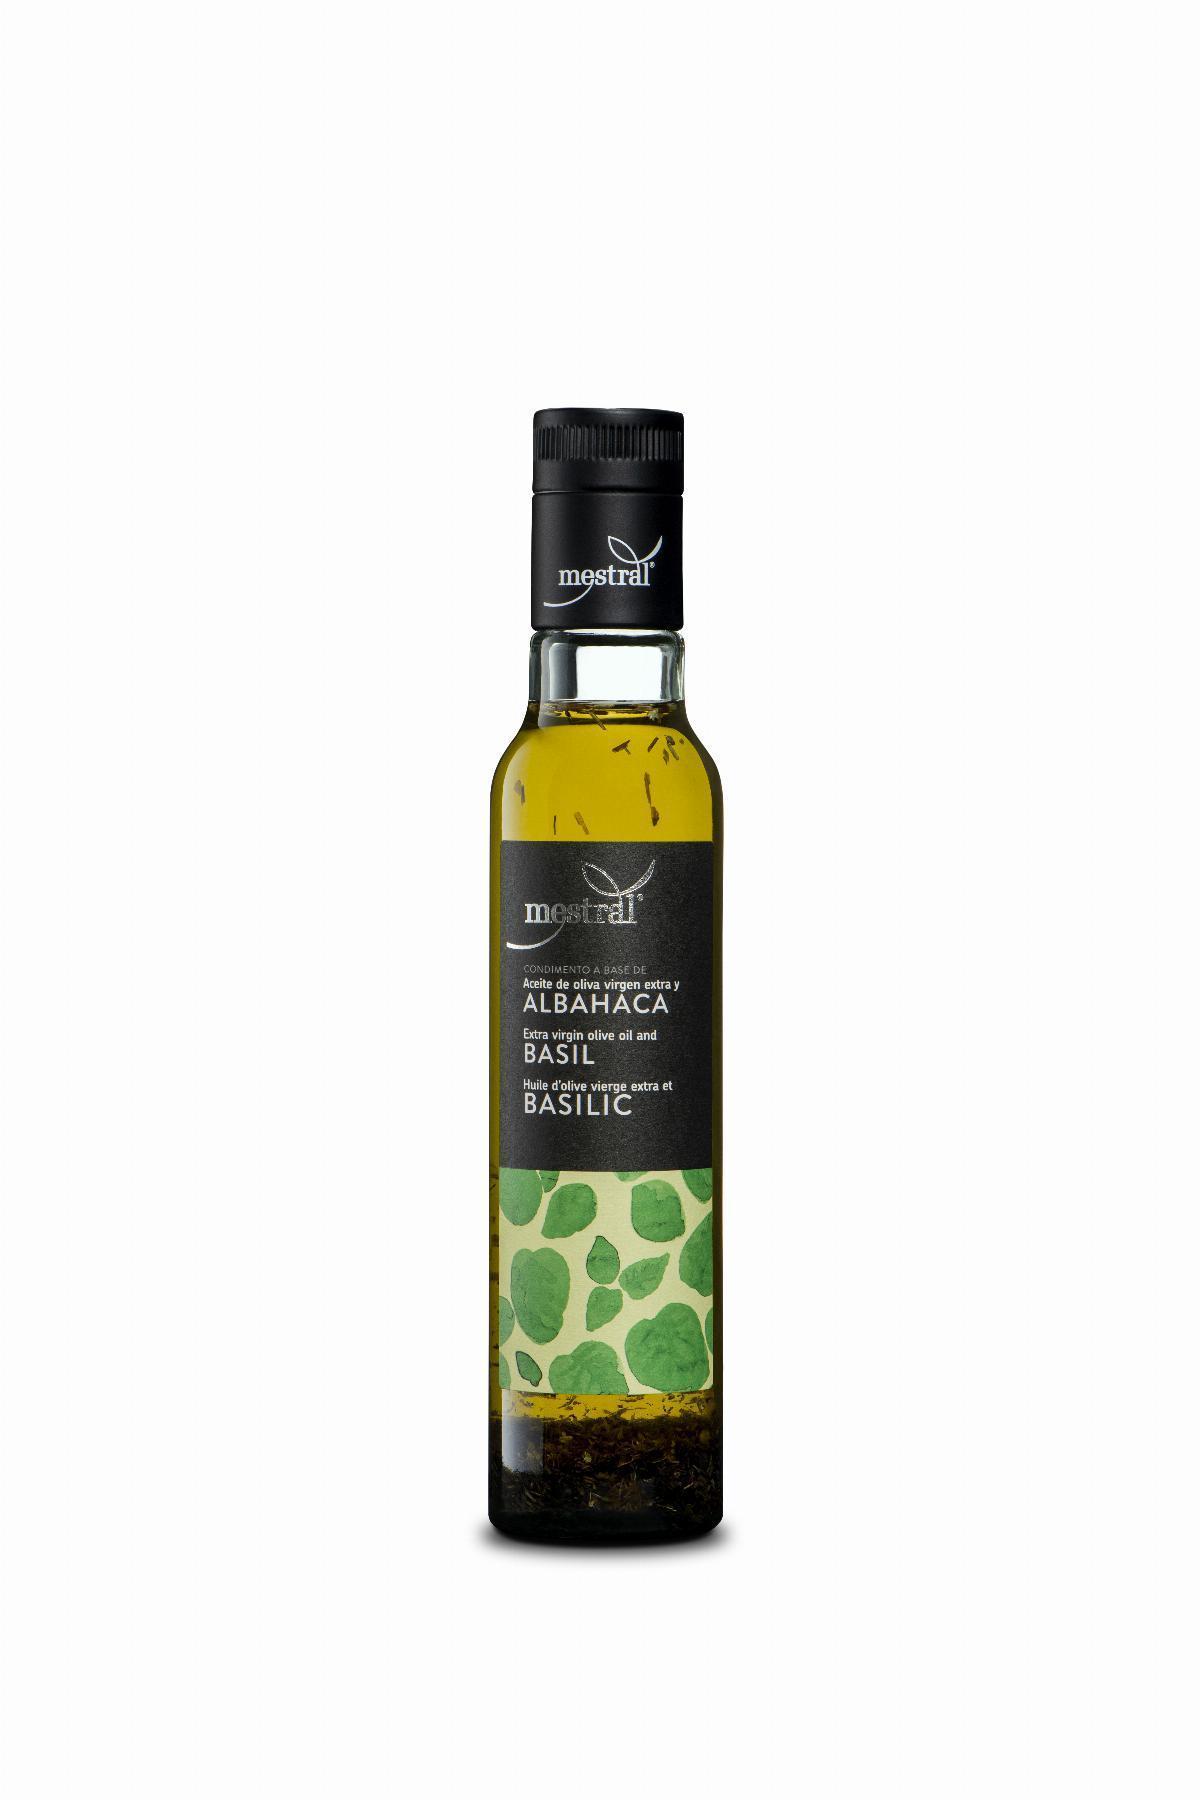 Olis i infusionats - Oli d'Oliva Verge Extra Mestral amb Alfàbrega, ampolla Dòrica transparent, 250ml, ES-EN-FR - Mestral Cambrils